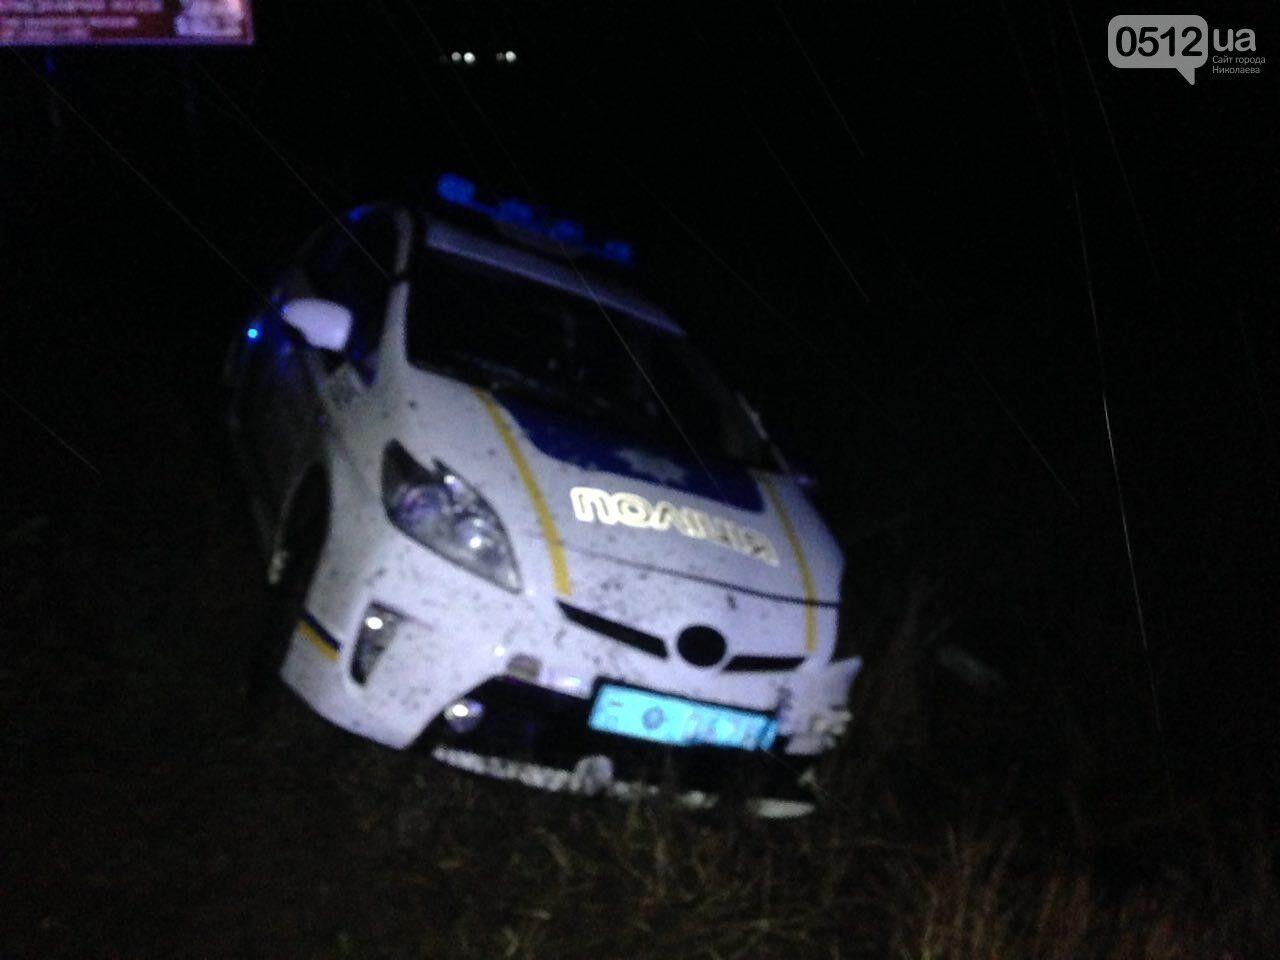 Под Николаевом полиция застрелила мужчину, взорвавшего гранату